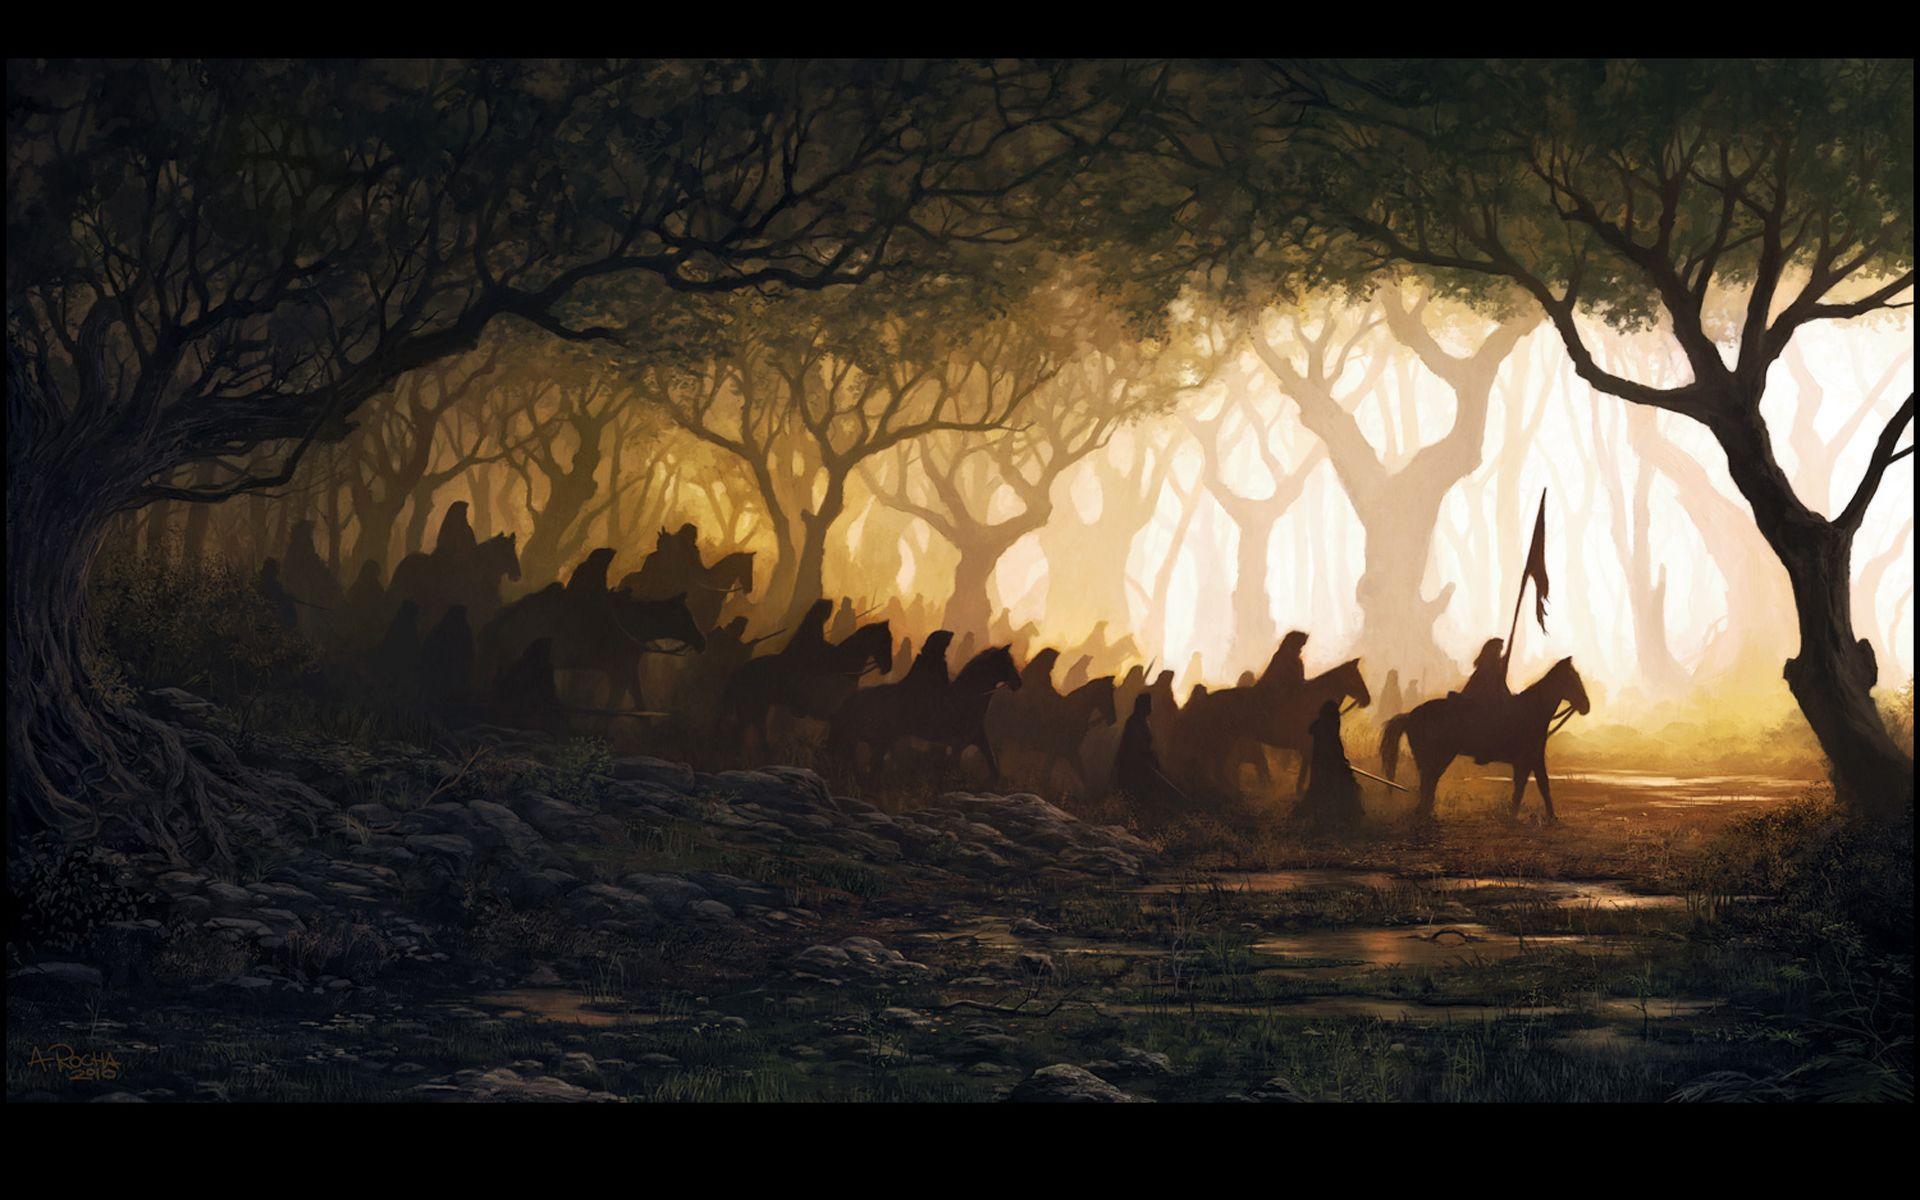 1920x1200 Hình nền ngựa - Hình nền ngựa trong rừng - Hình nền HD 95837